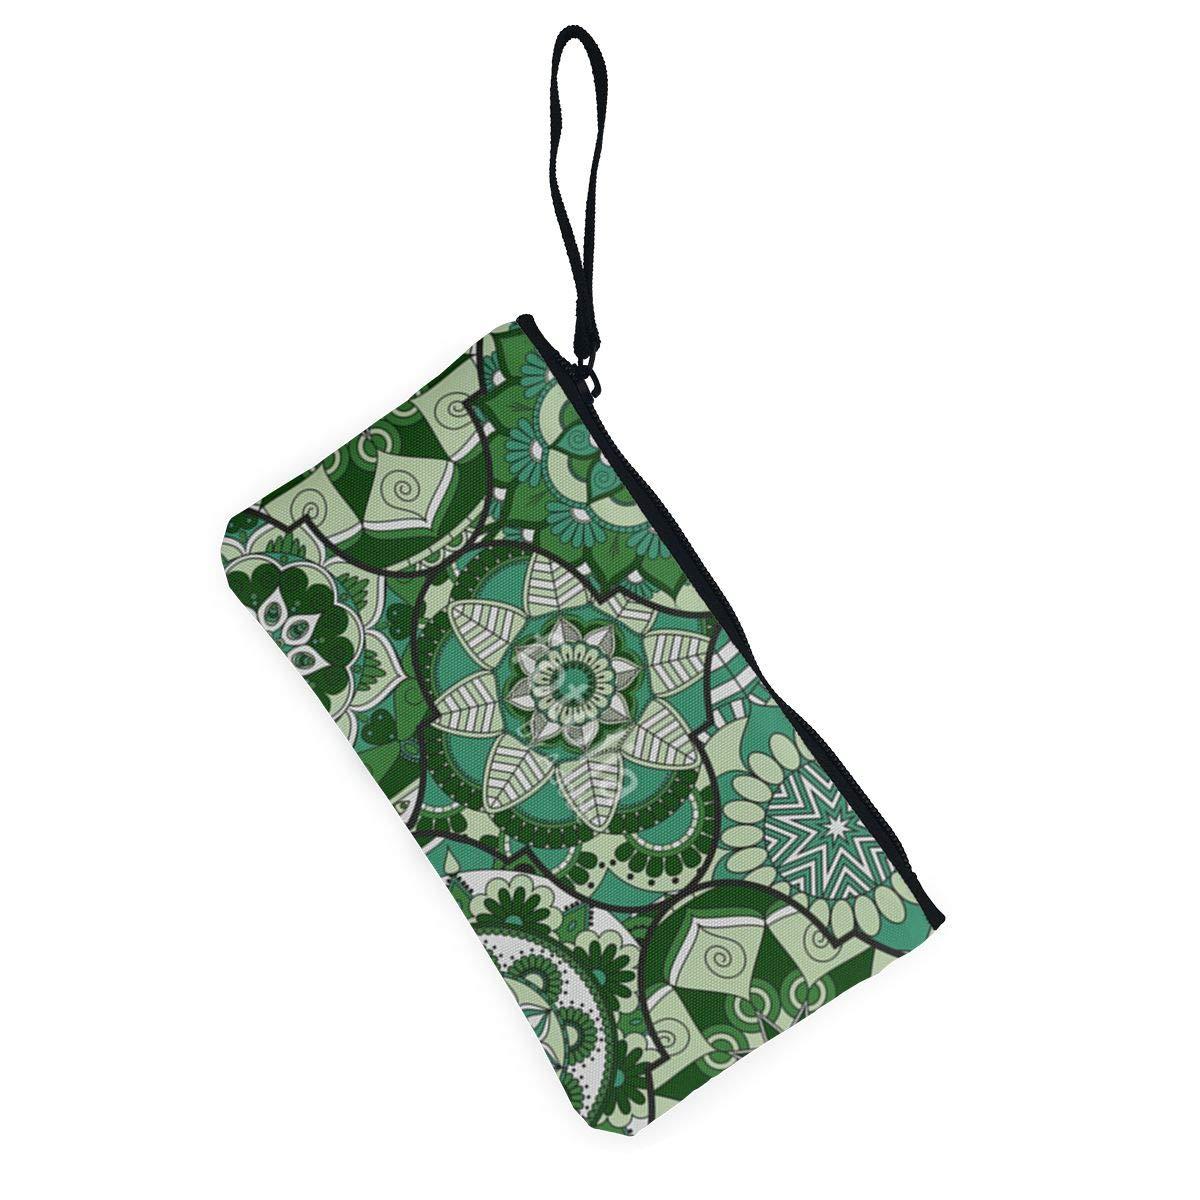 Coin Purse Luxury Hexagonal Boho Green Men Zipper Canvas Wallets TravelCool Holder